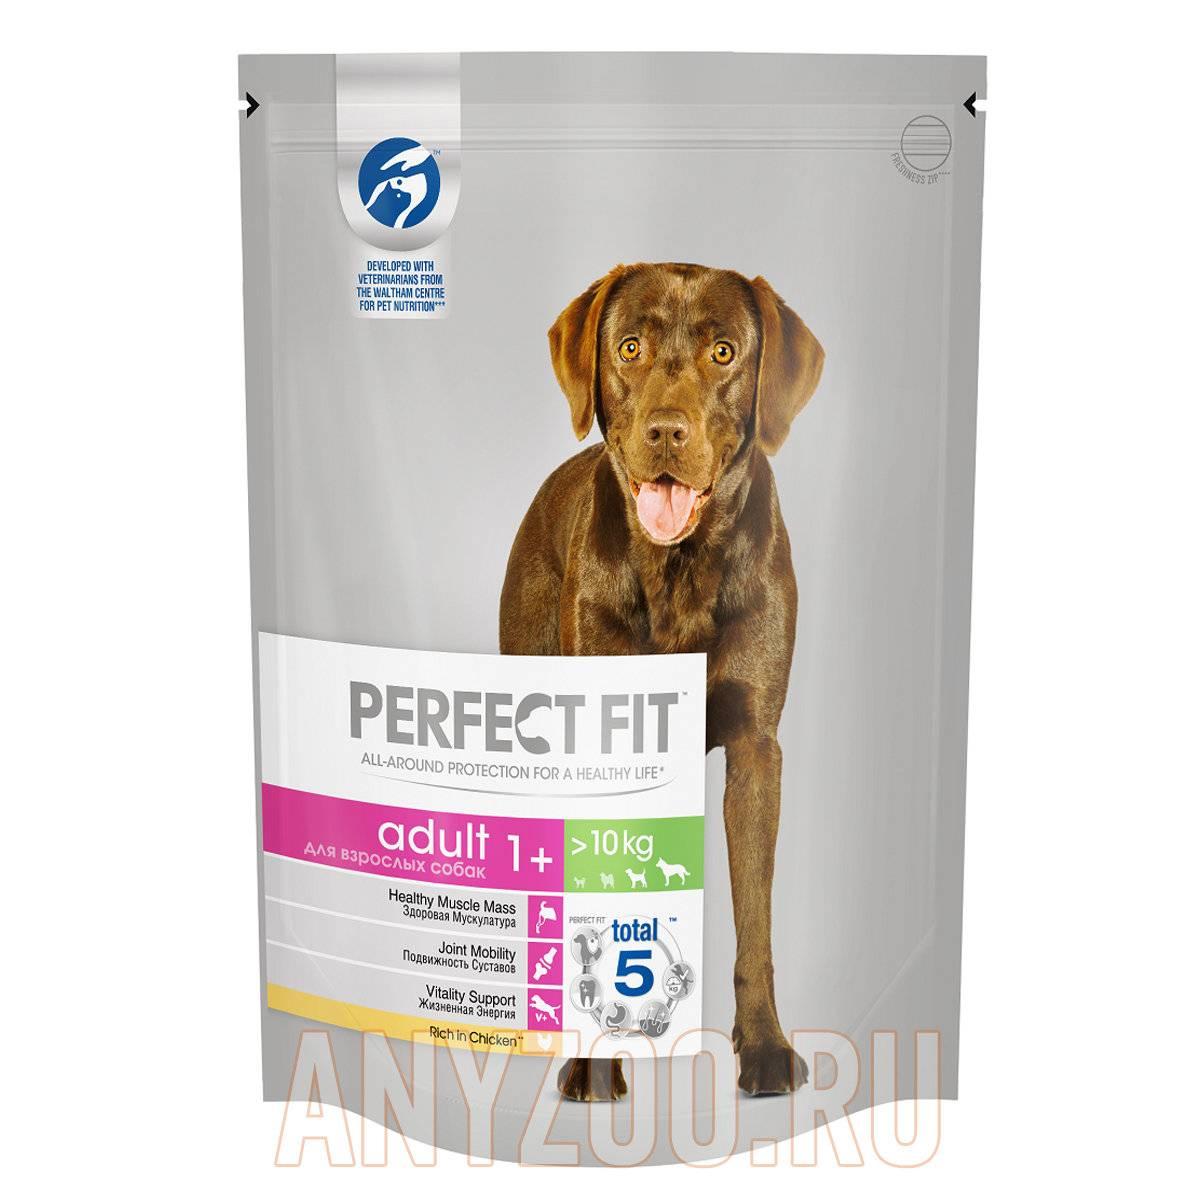 Корм для собак perfect fit — разбор состава и отзывы